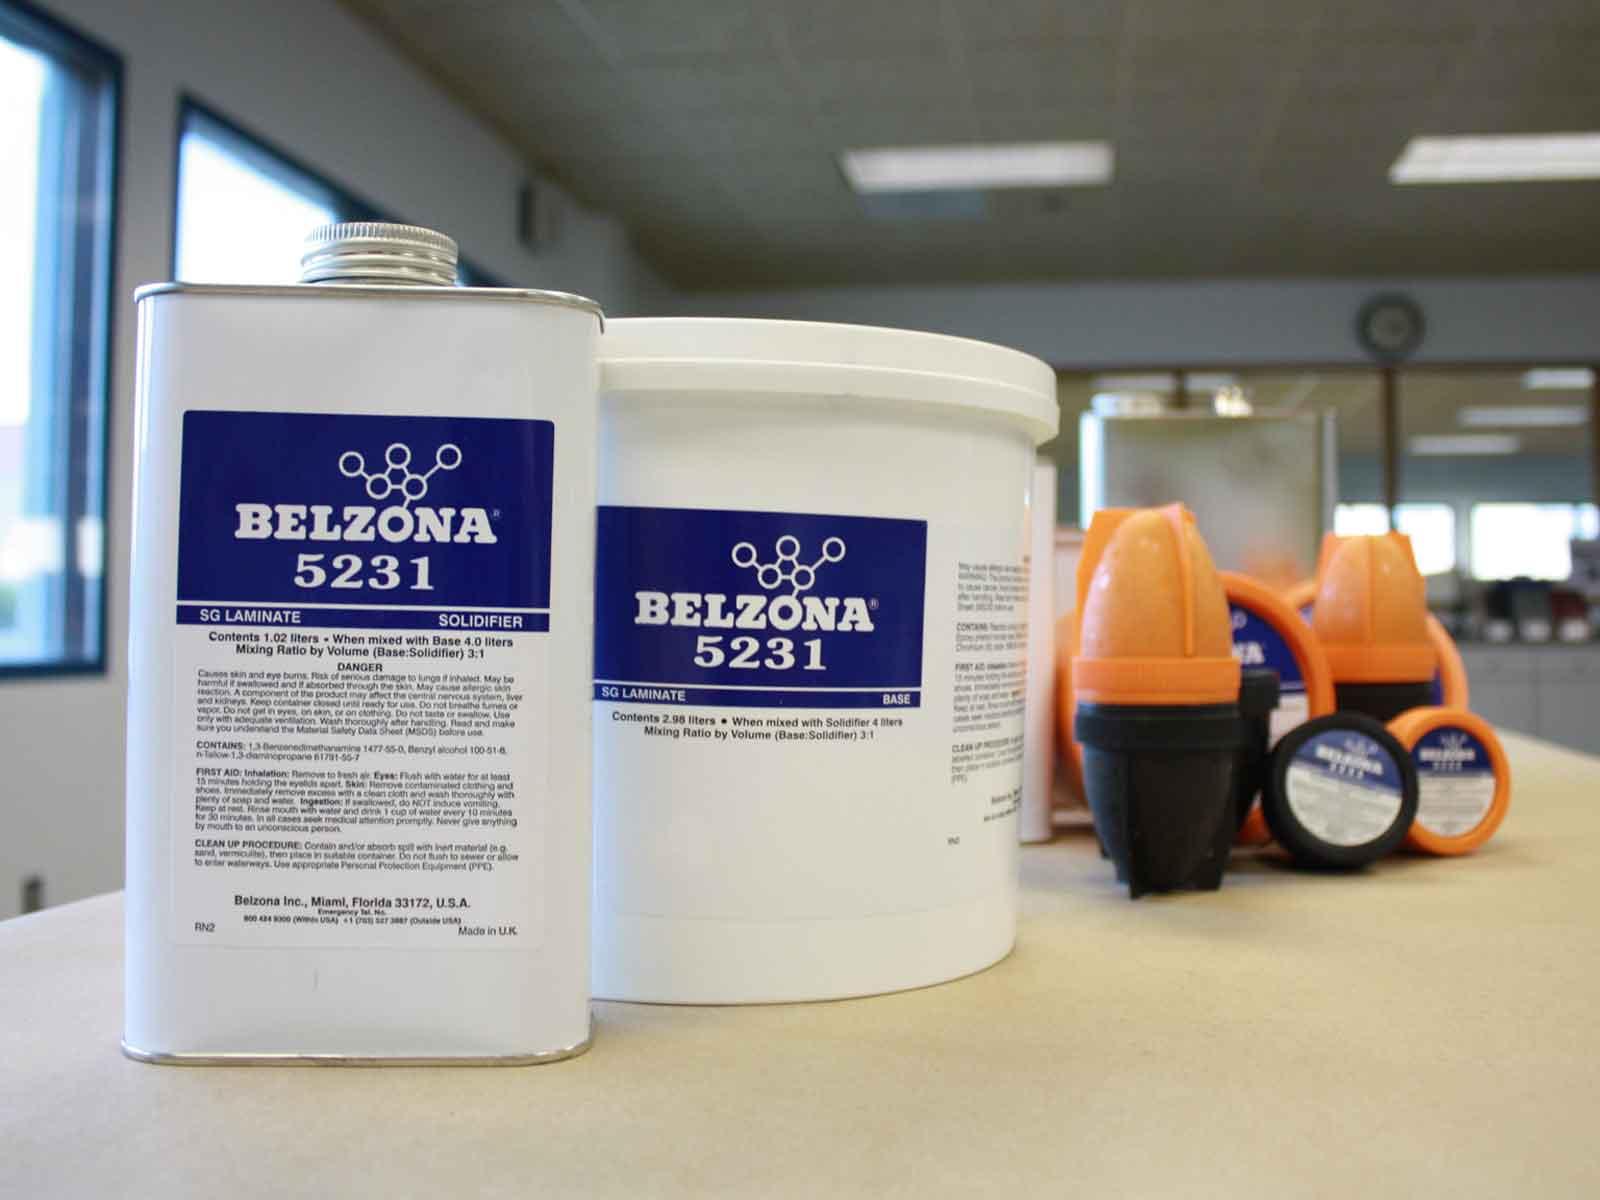 Belzona 5231 (SG Laminate) protuklizni epoksidni premaz za zaštitu od kemikalijja